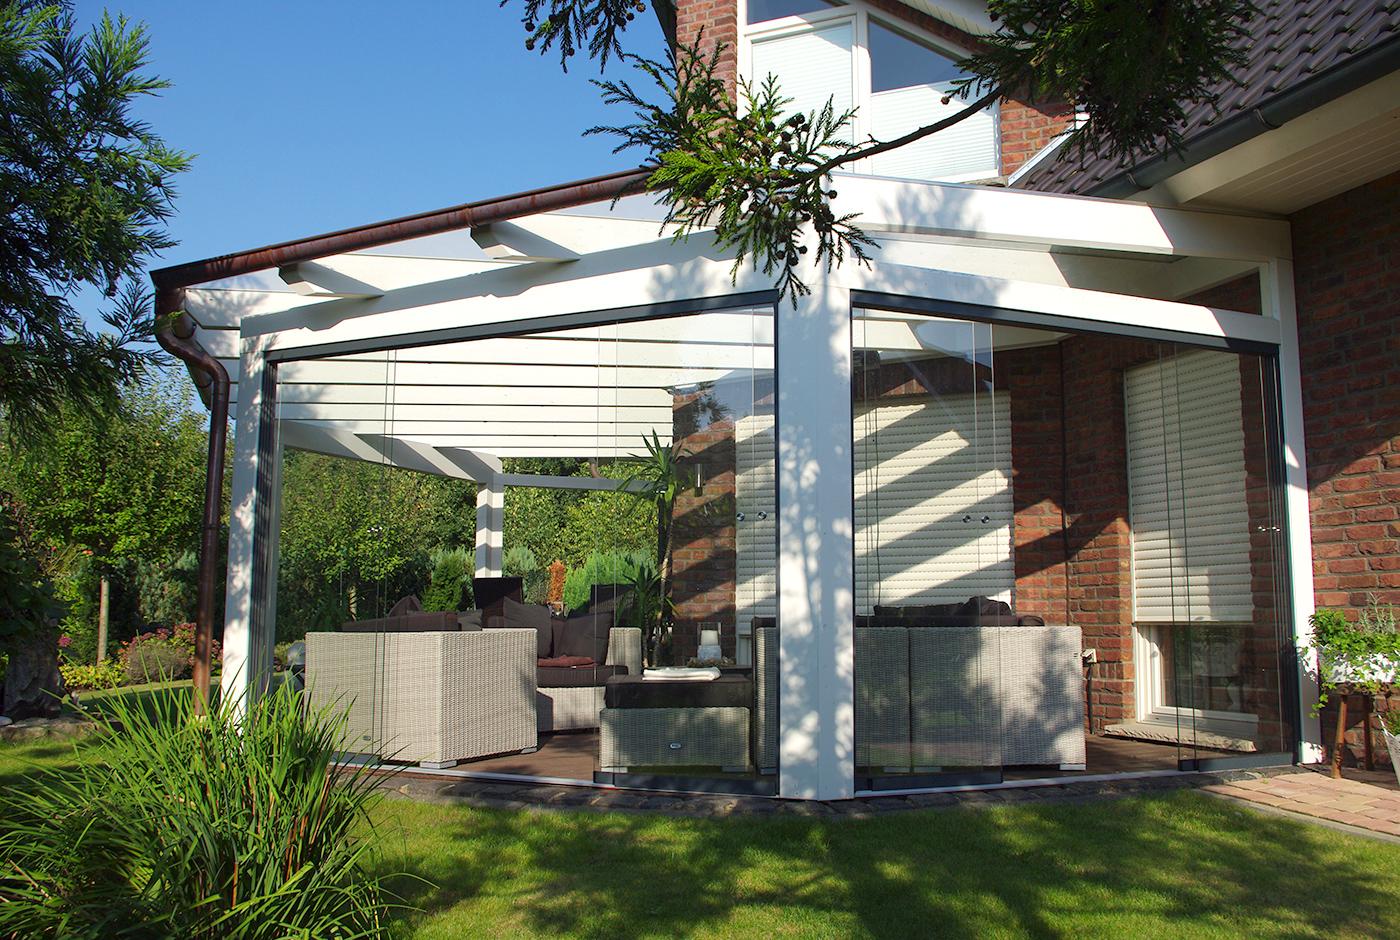 terrassen berdachung ber eck so muss das. Black Bedroom Furniture Sets. Home Design Ideas